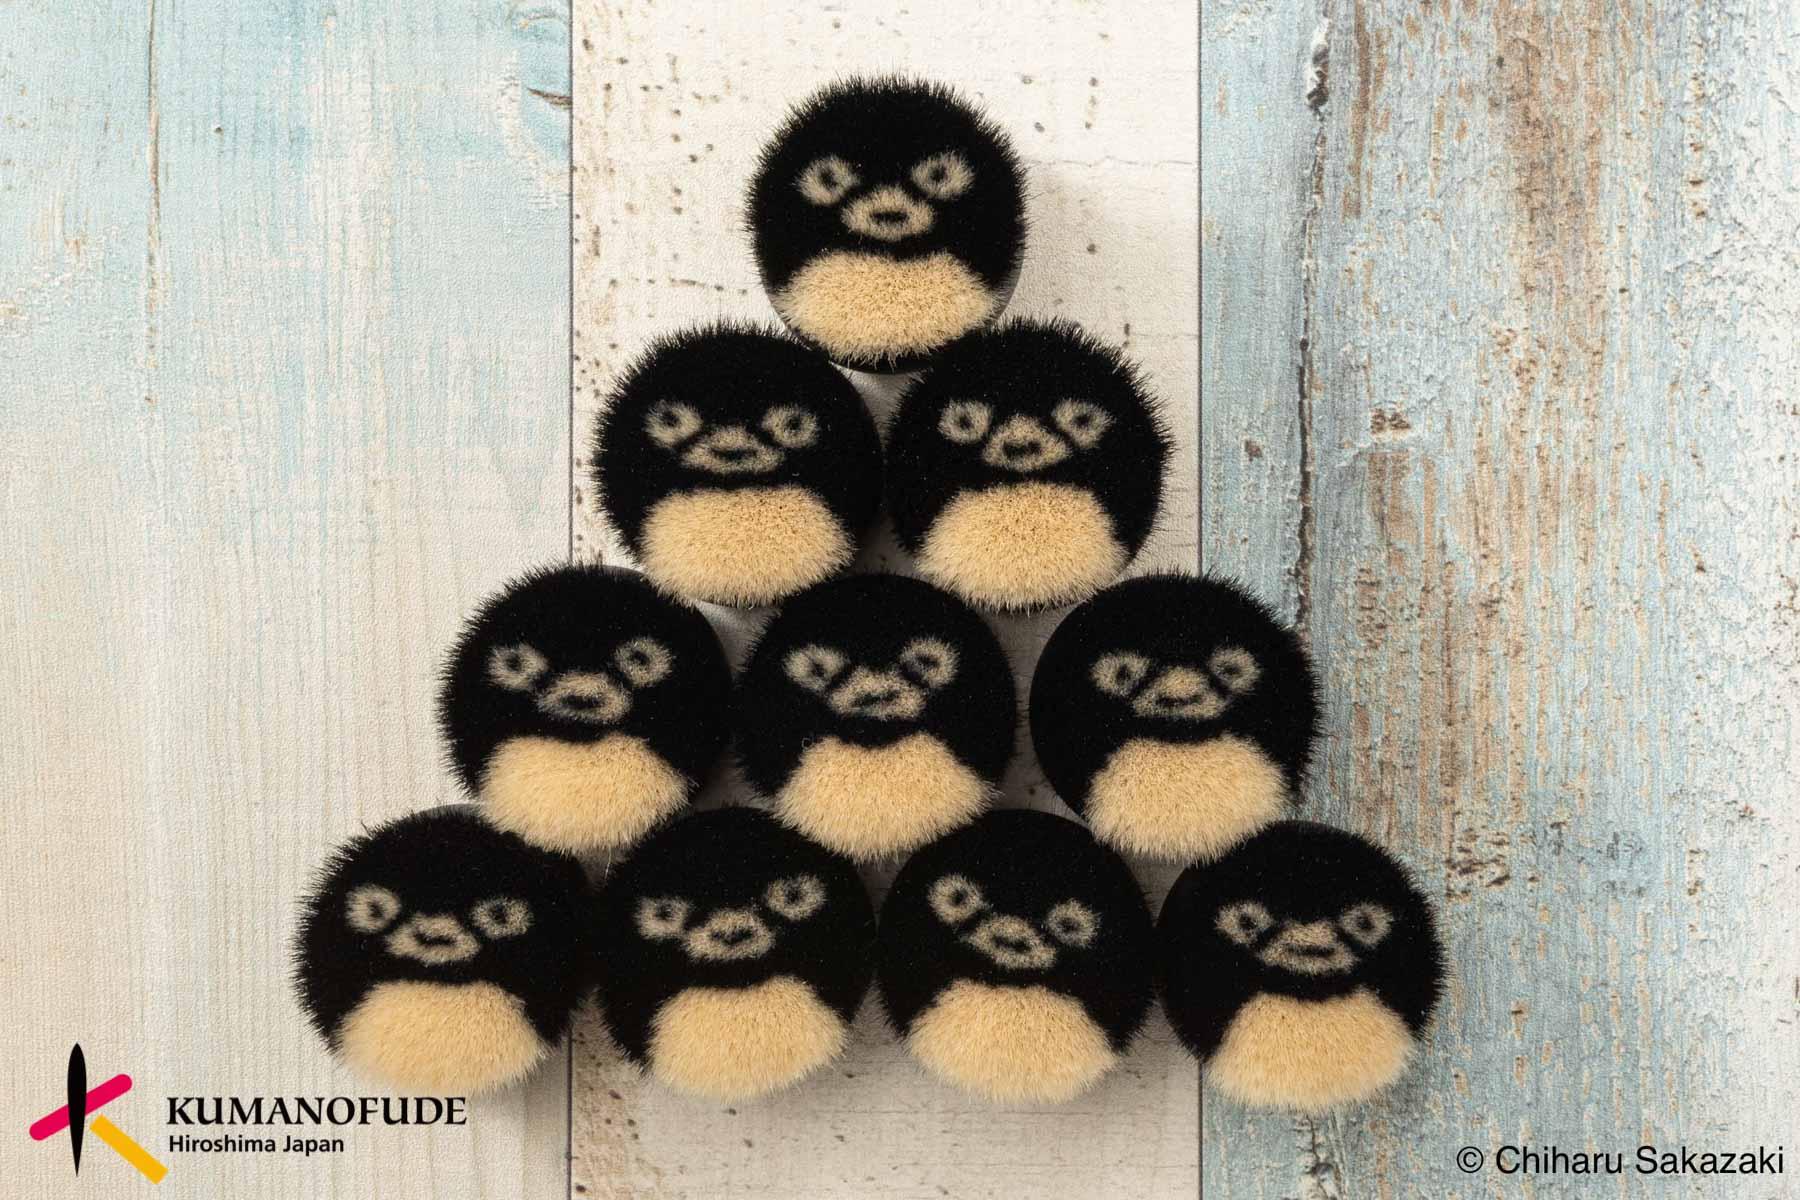 さかざきちはる ペンギンクマノフデ(熊野筆)フェイスブラシ